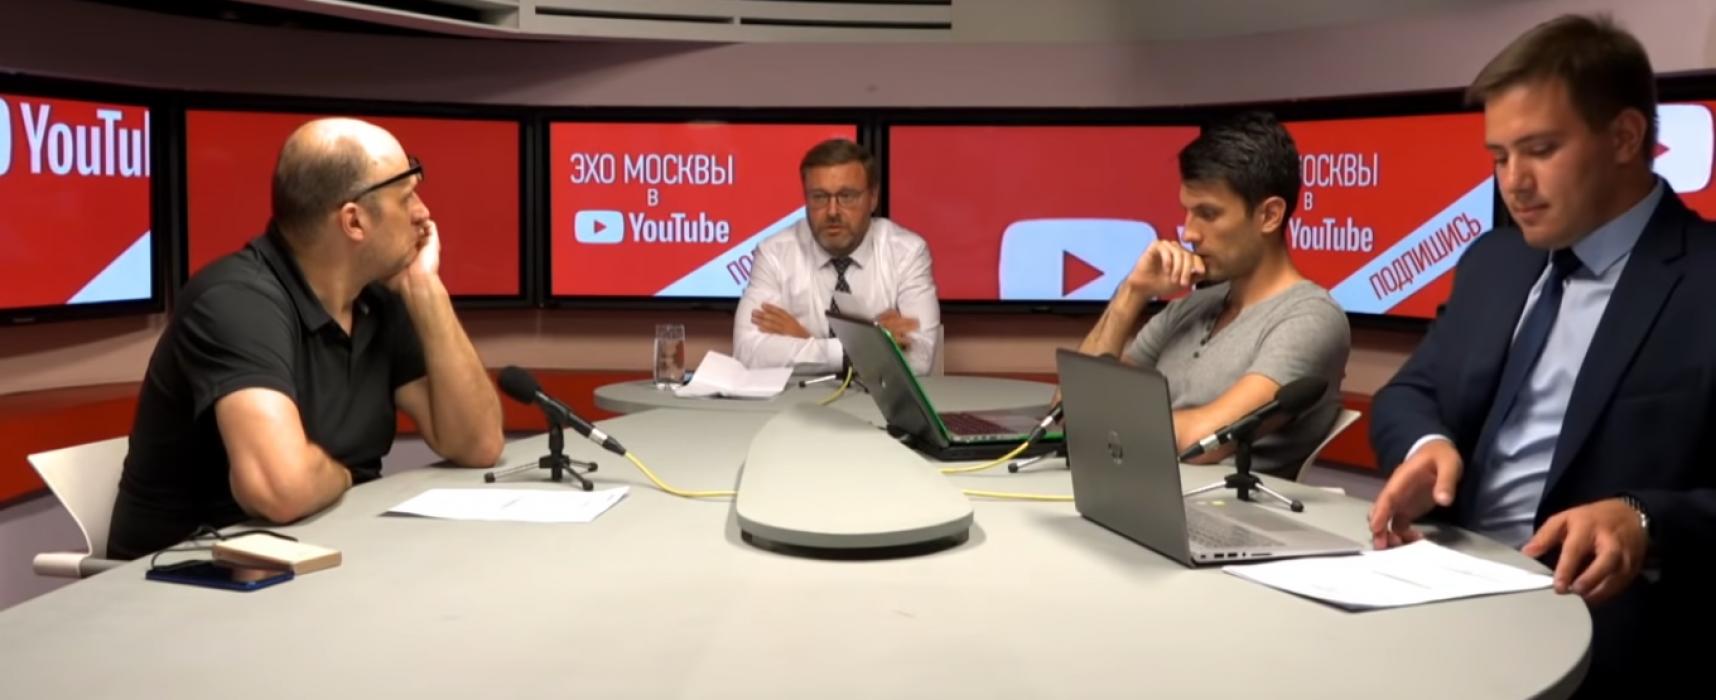 Фейк Костянтина Косачова: Сенцов на прес-конференції зізнався у двох підпалах і підготовці до вибуху